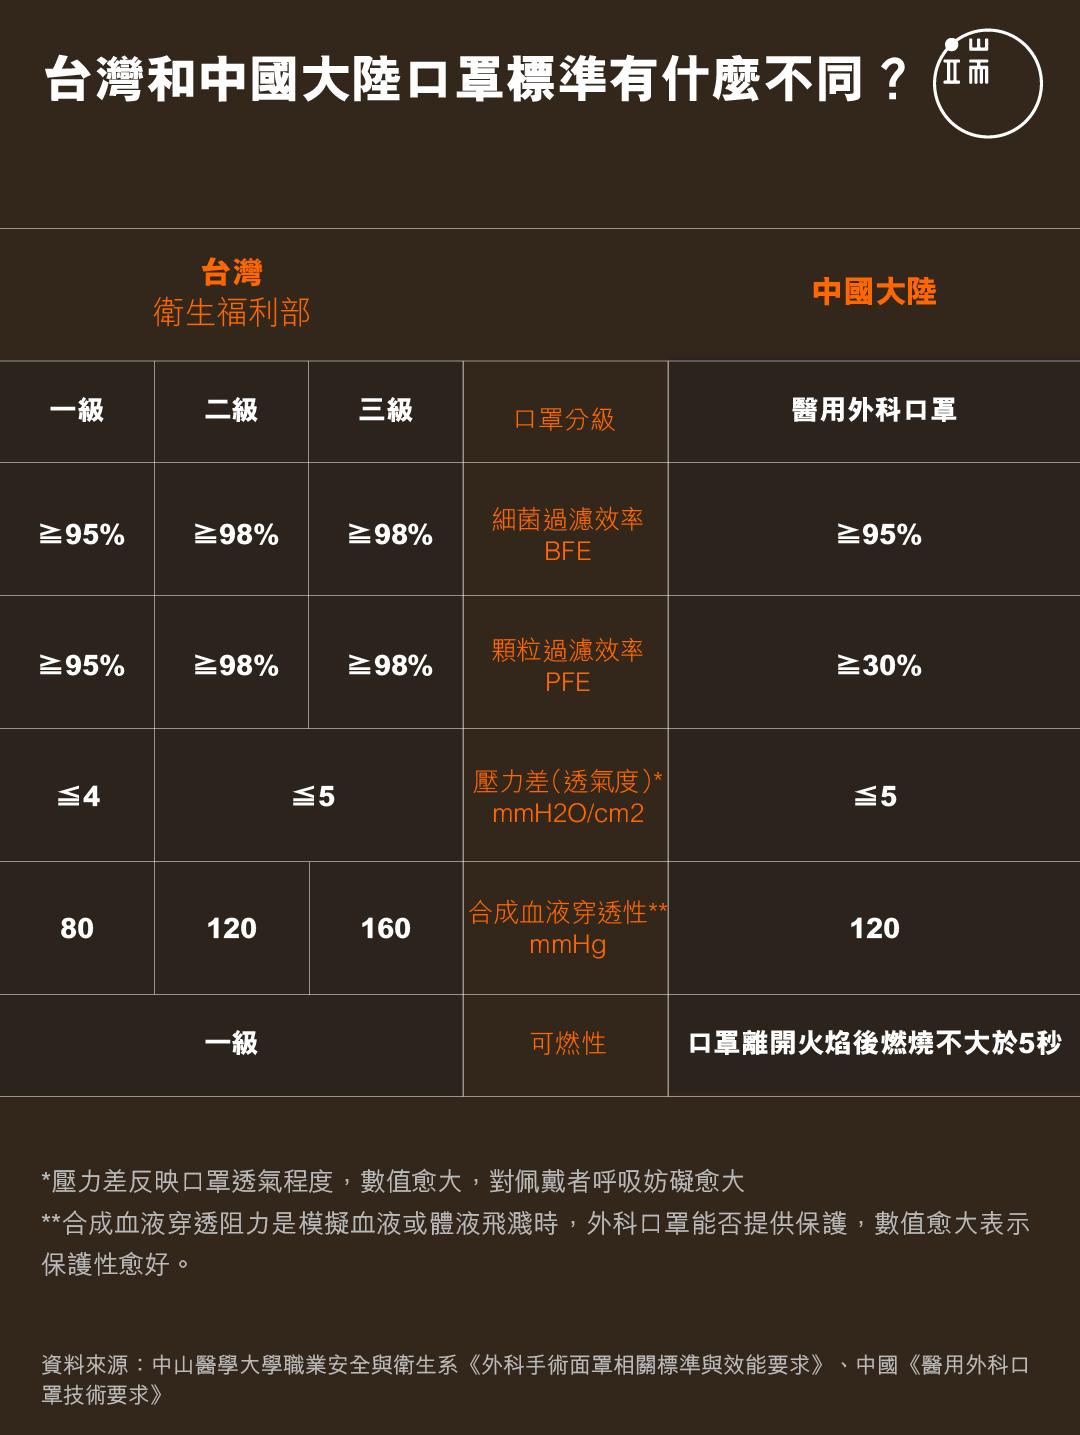 台灣和中國大陸口罩標準有什麼不同?